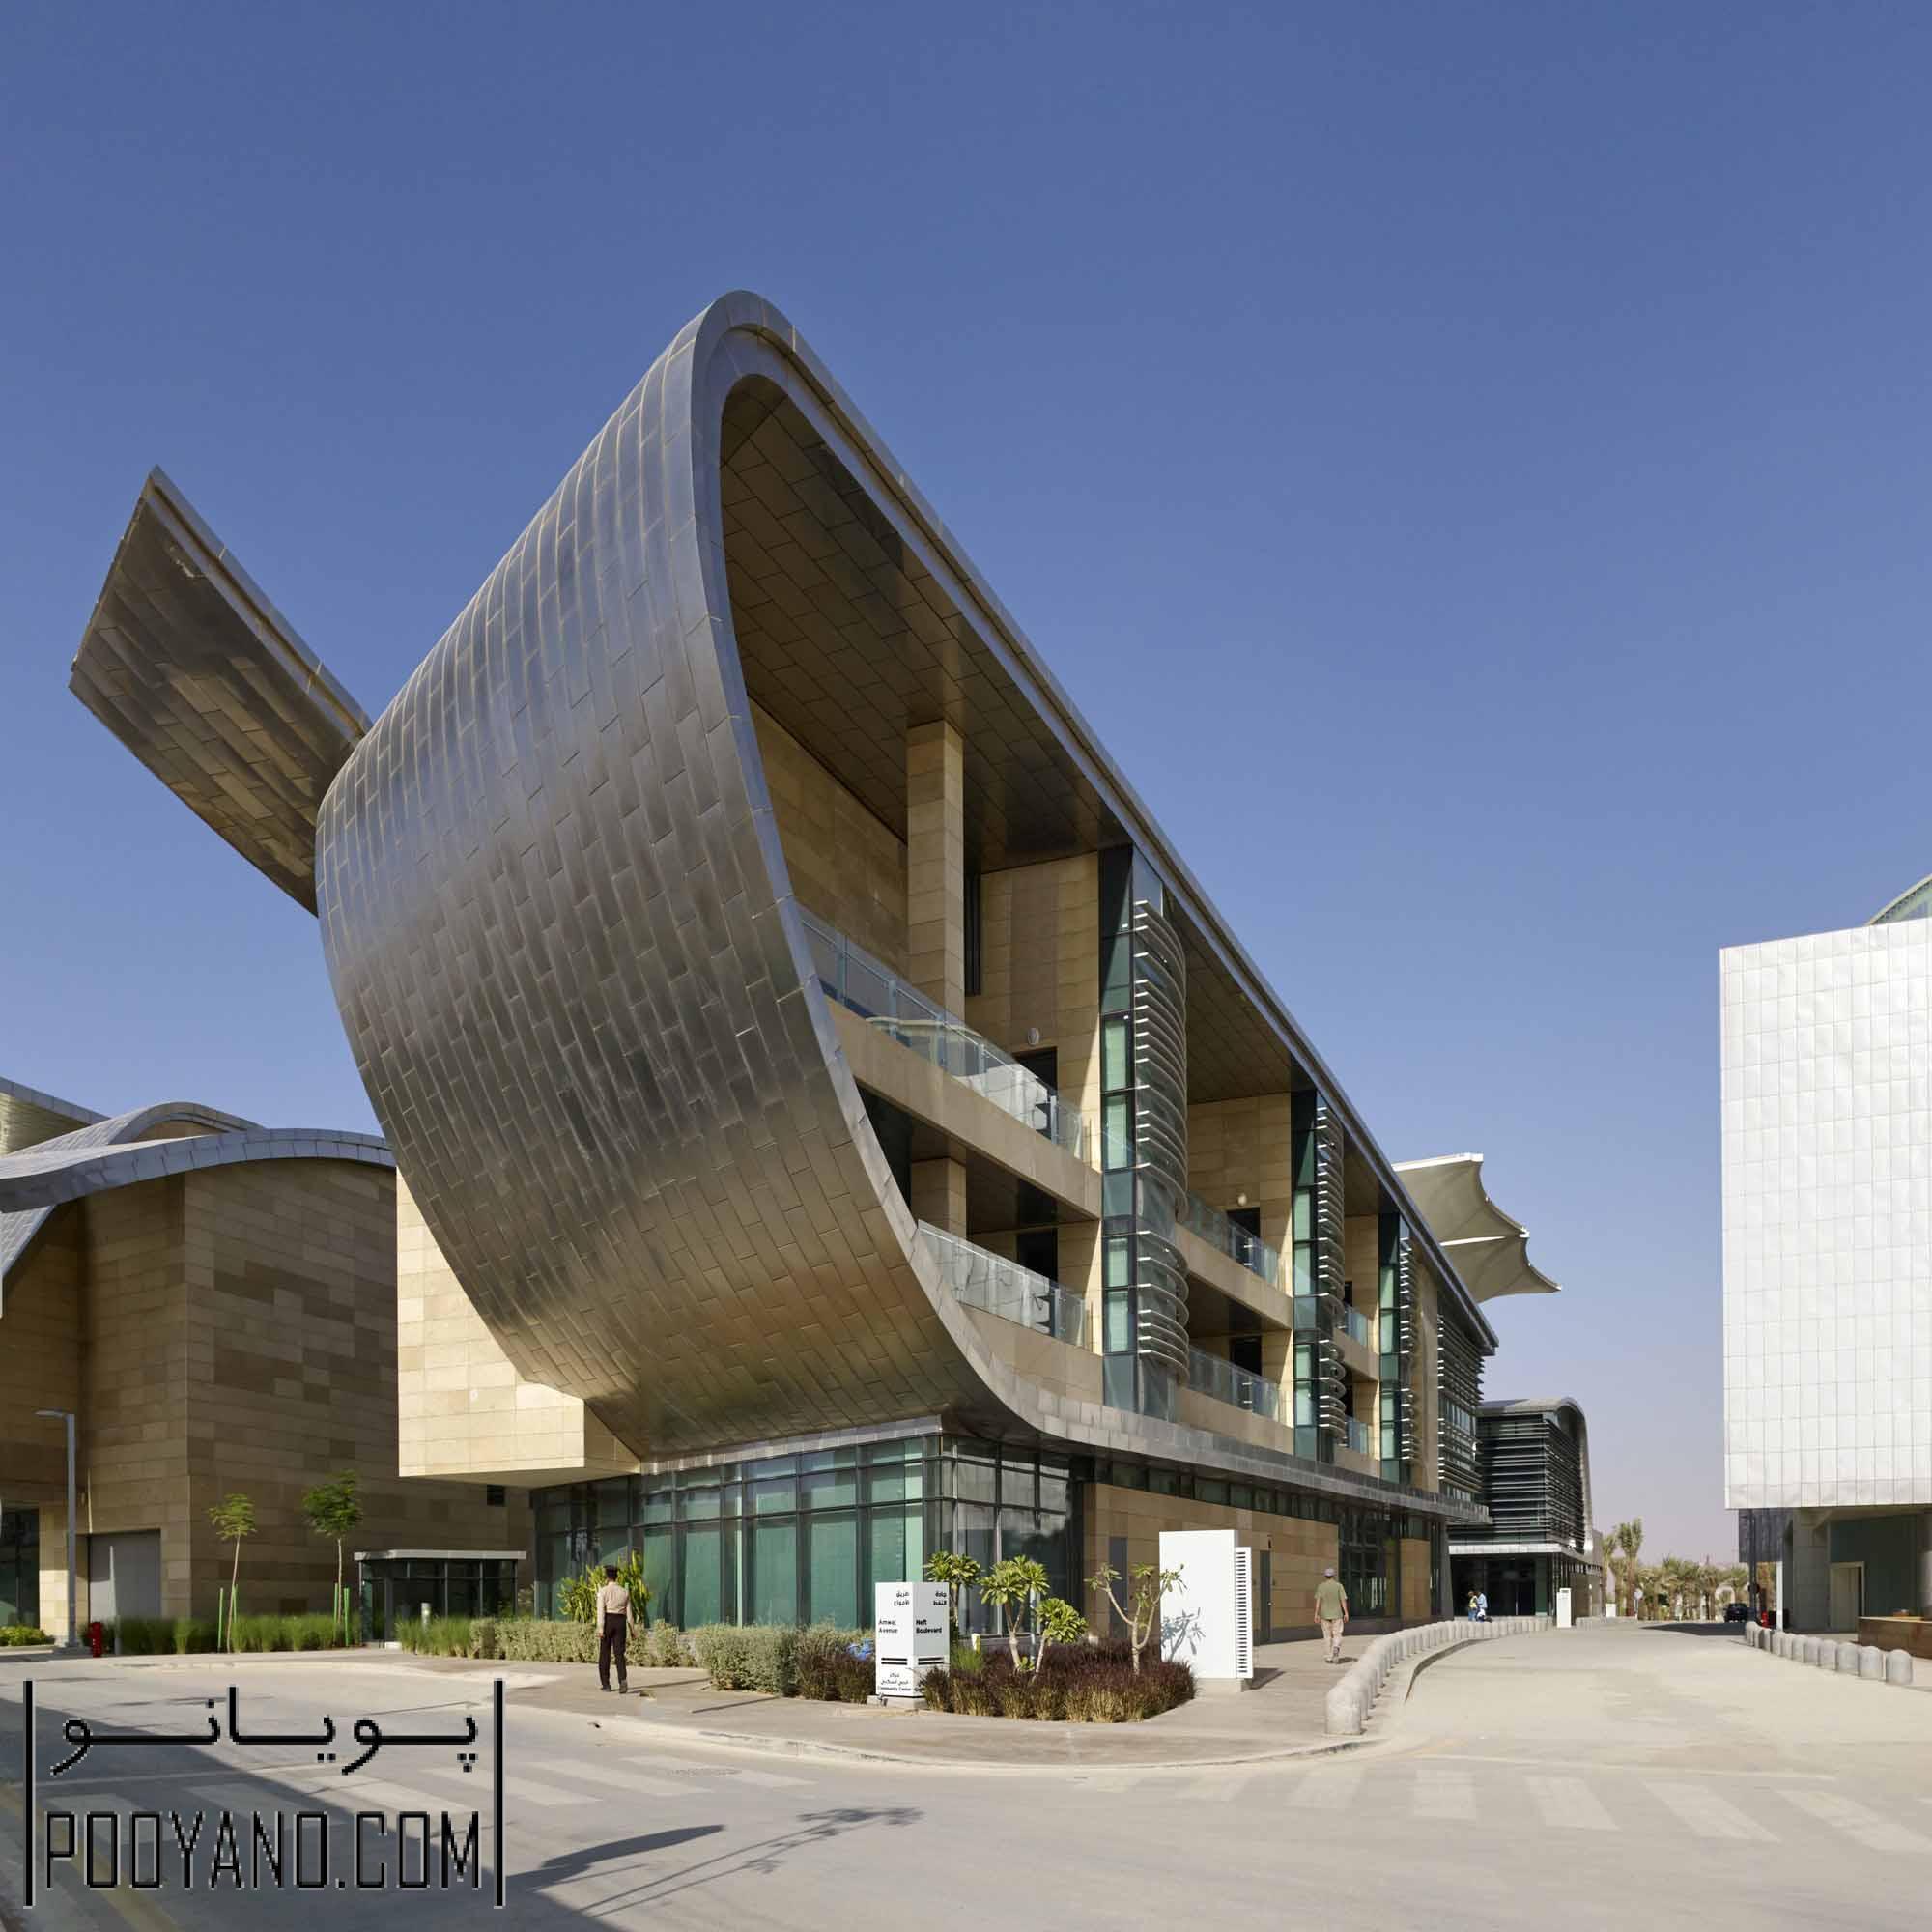 طراحی شهرک و مجموعه تحقیقاتی خانه کاپسارک (KAPSARC) / شرکت معماری HOK